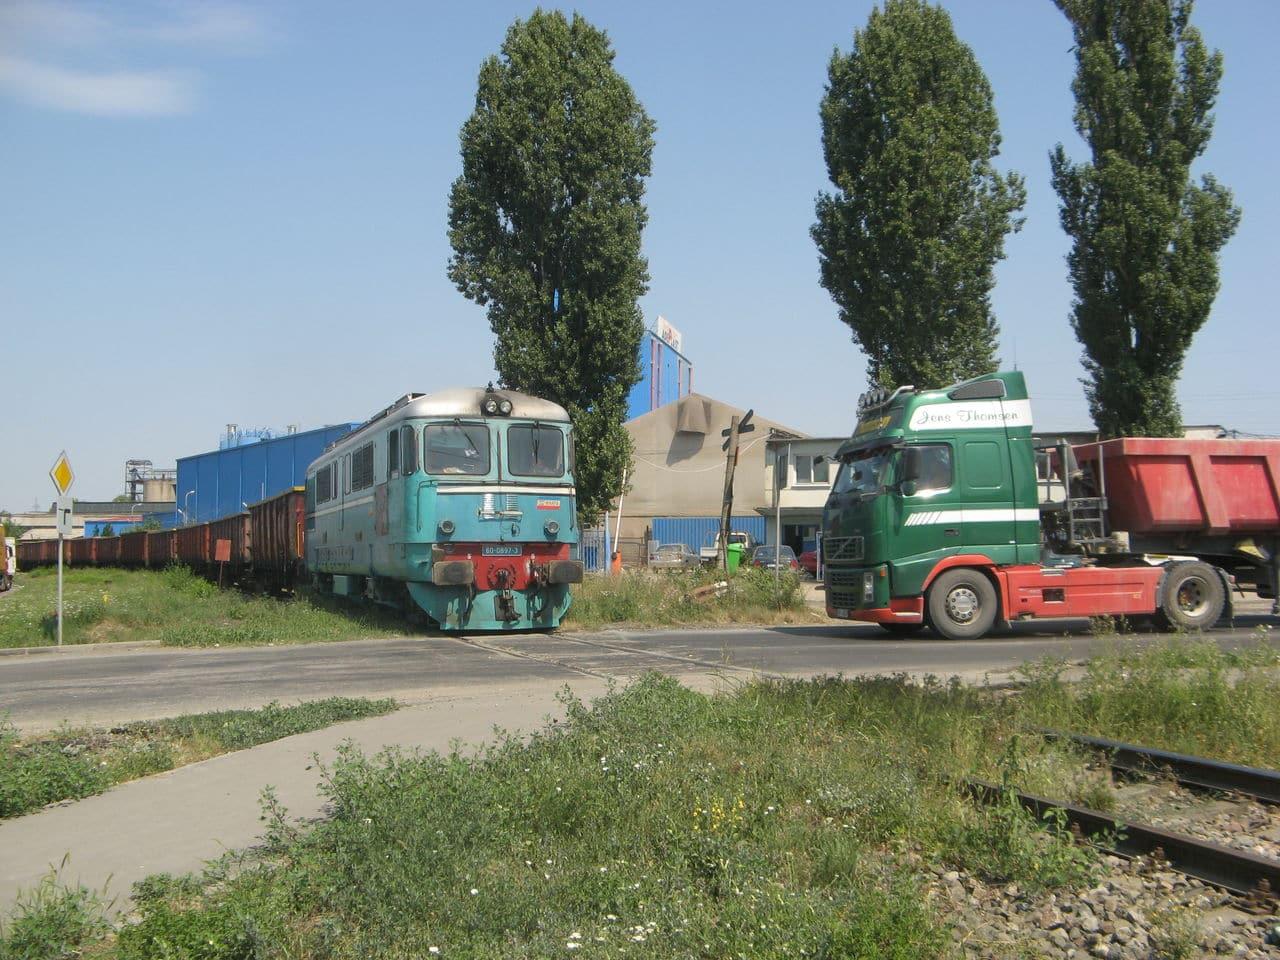 Calea ferată directă Oradea Vest - Episcopia Bihor IMG_0041